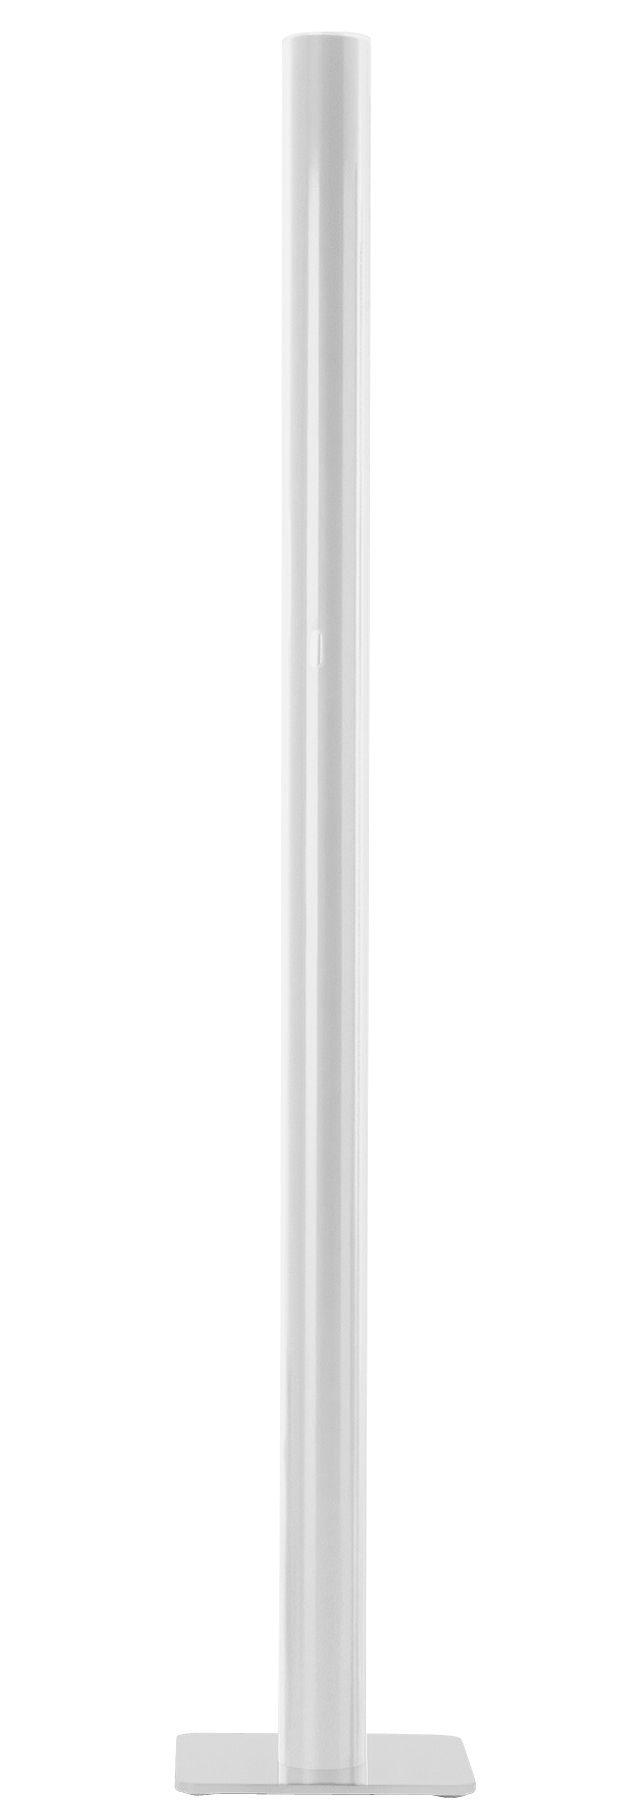 Luminaire - Lampadaires - Lampadaire Ilio LED / H 175 cm - Artemide - Blanc - Acier peint, Aluminium peint